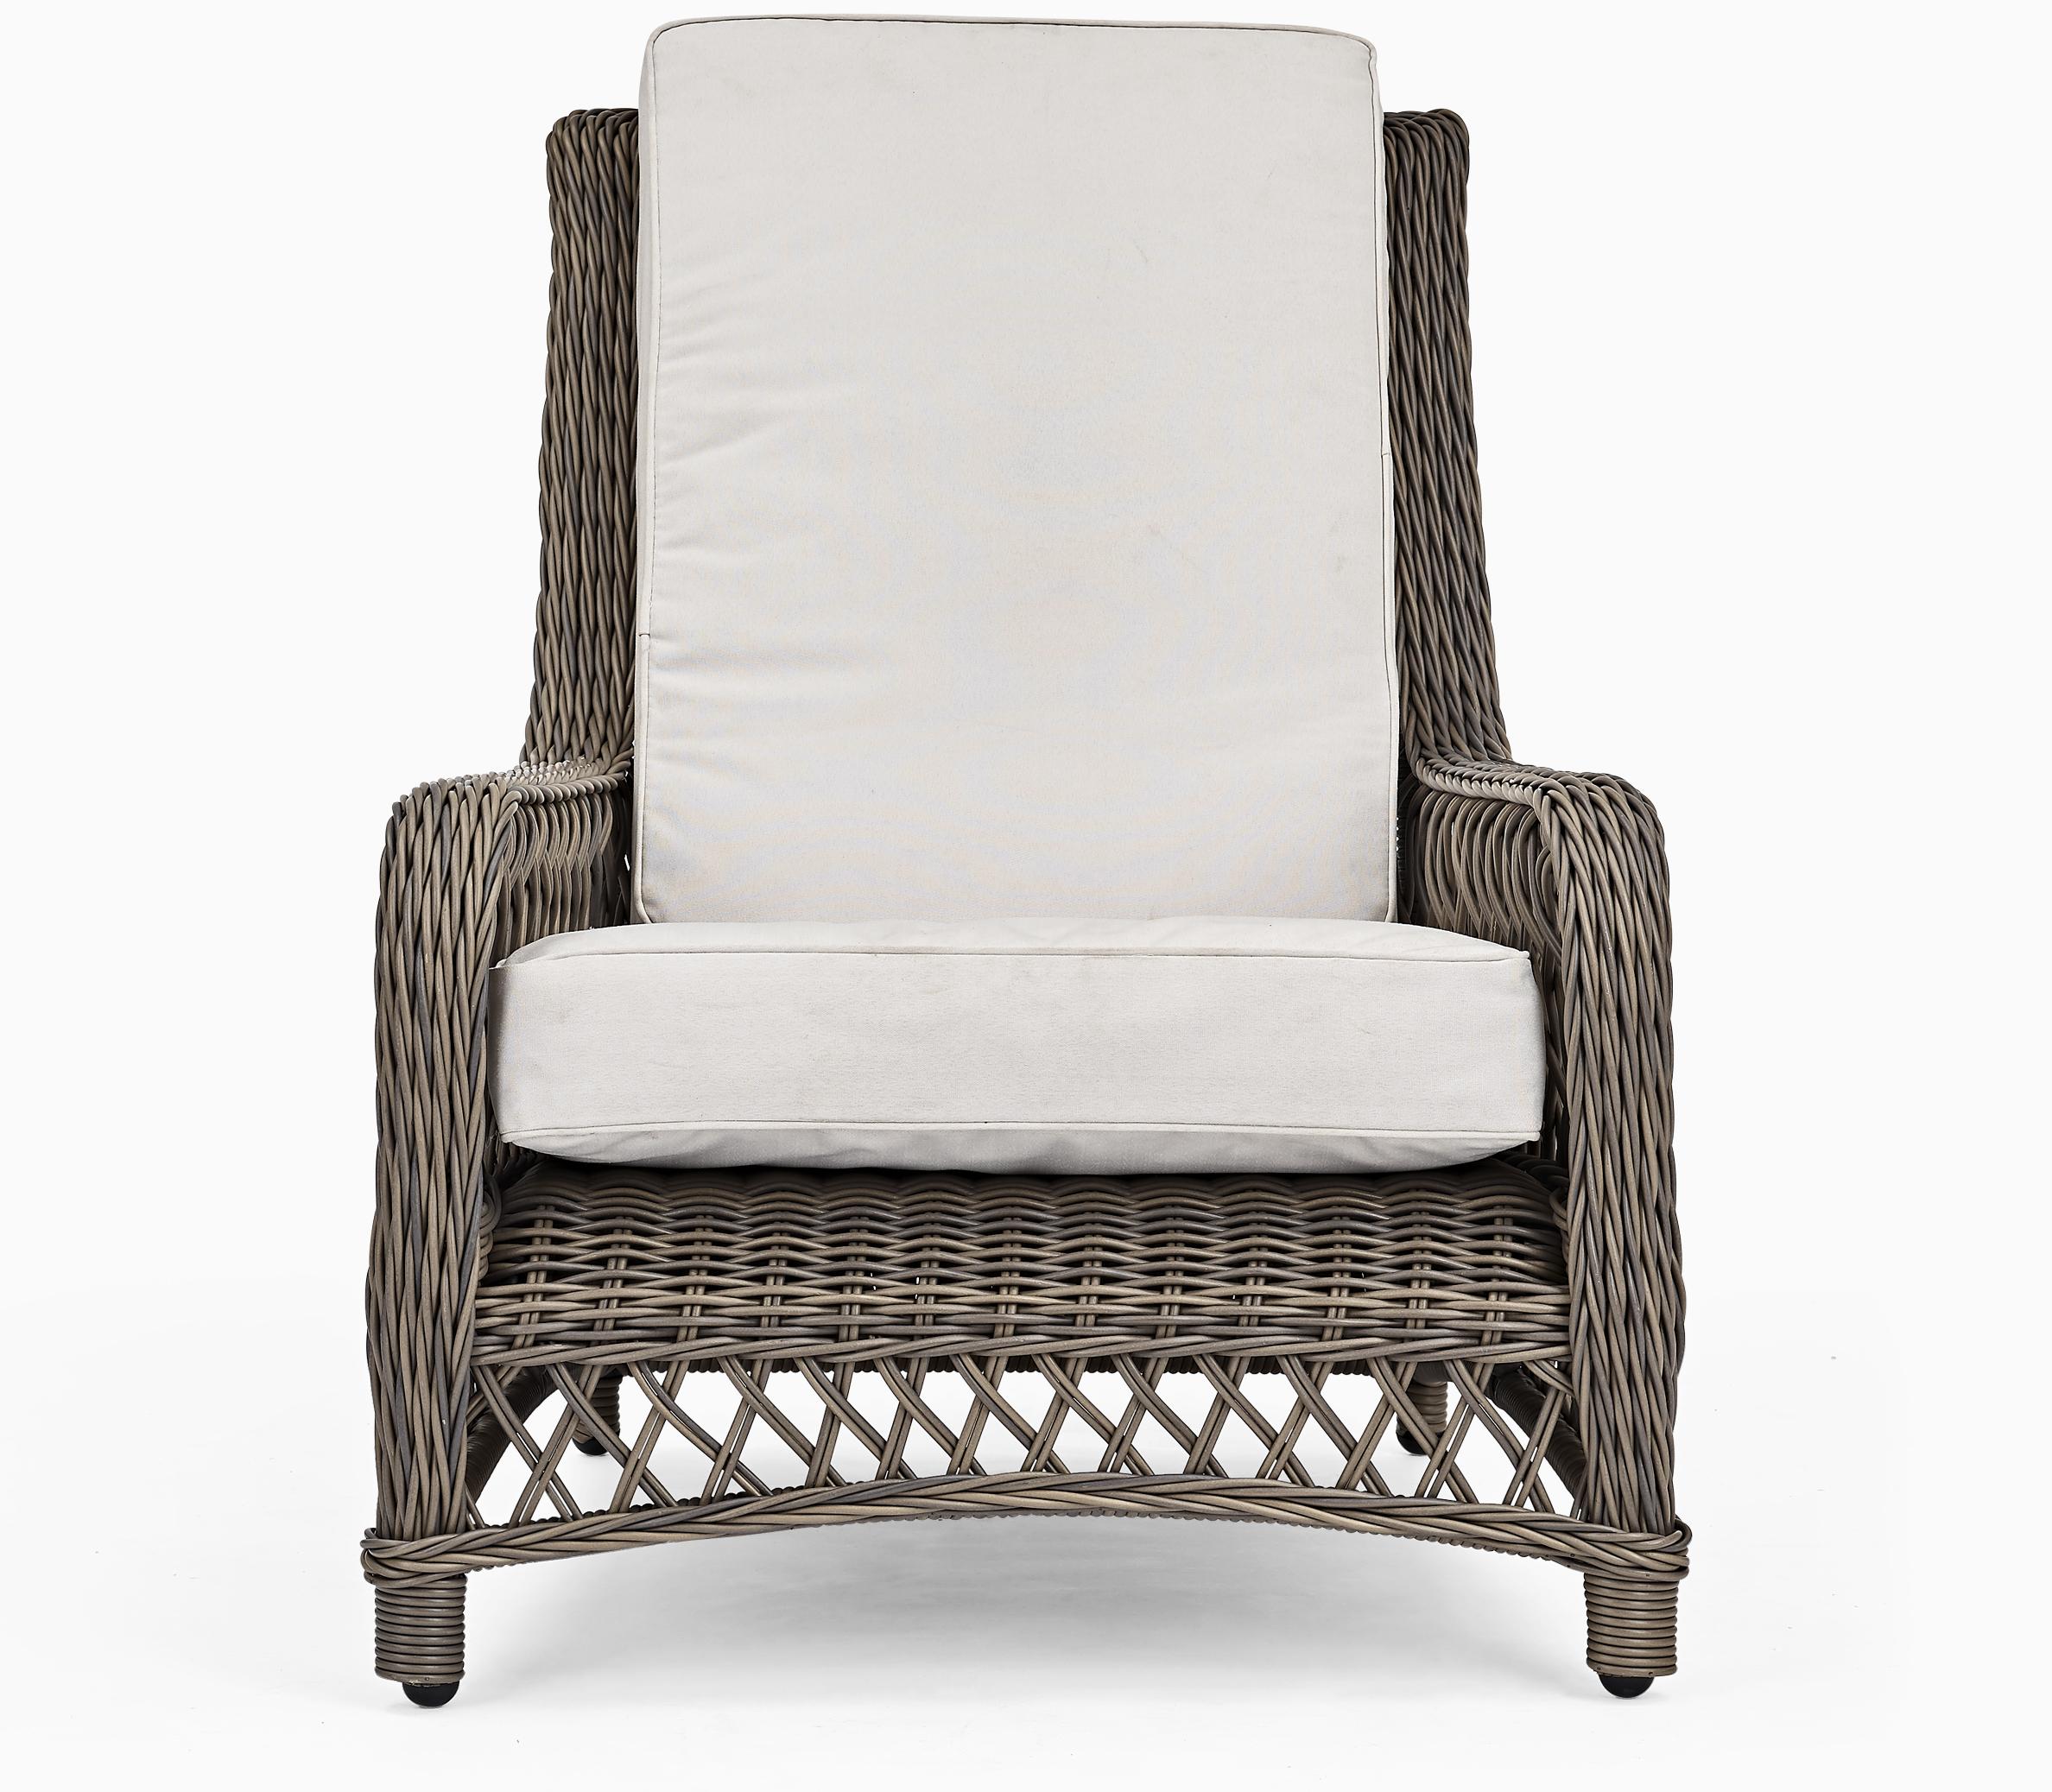 Harrington Relaxed Armchair